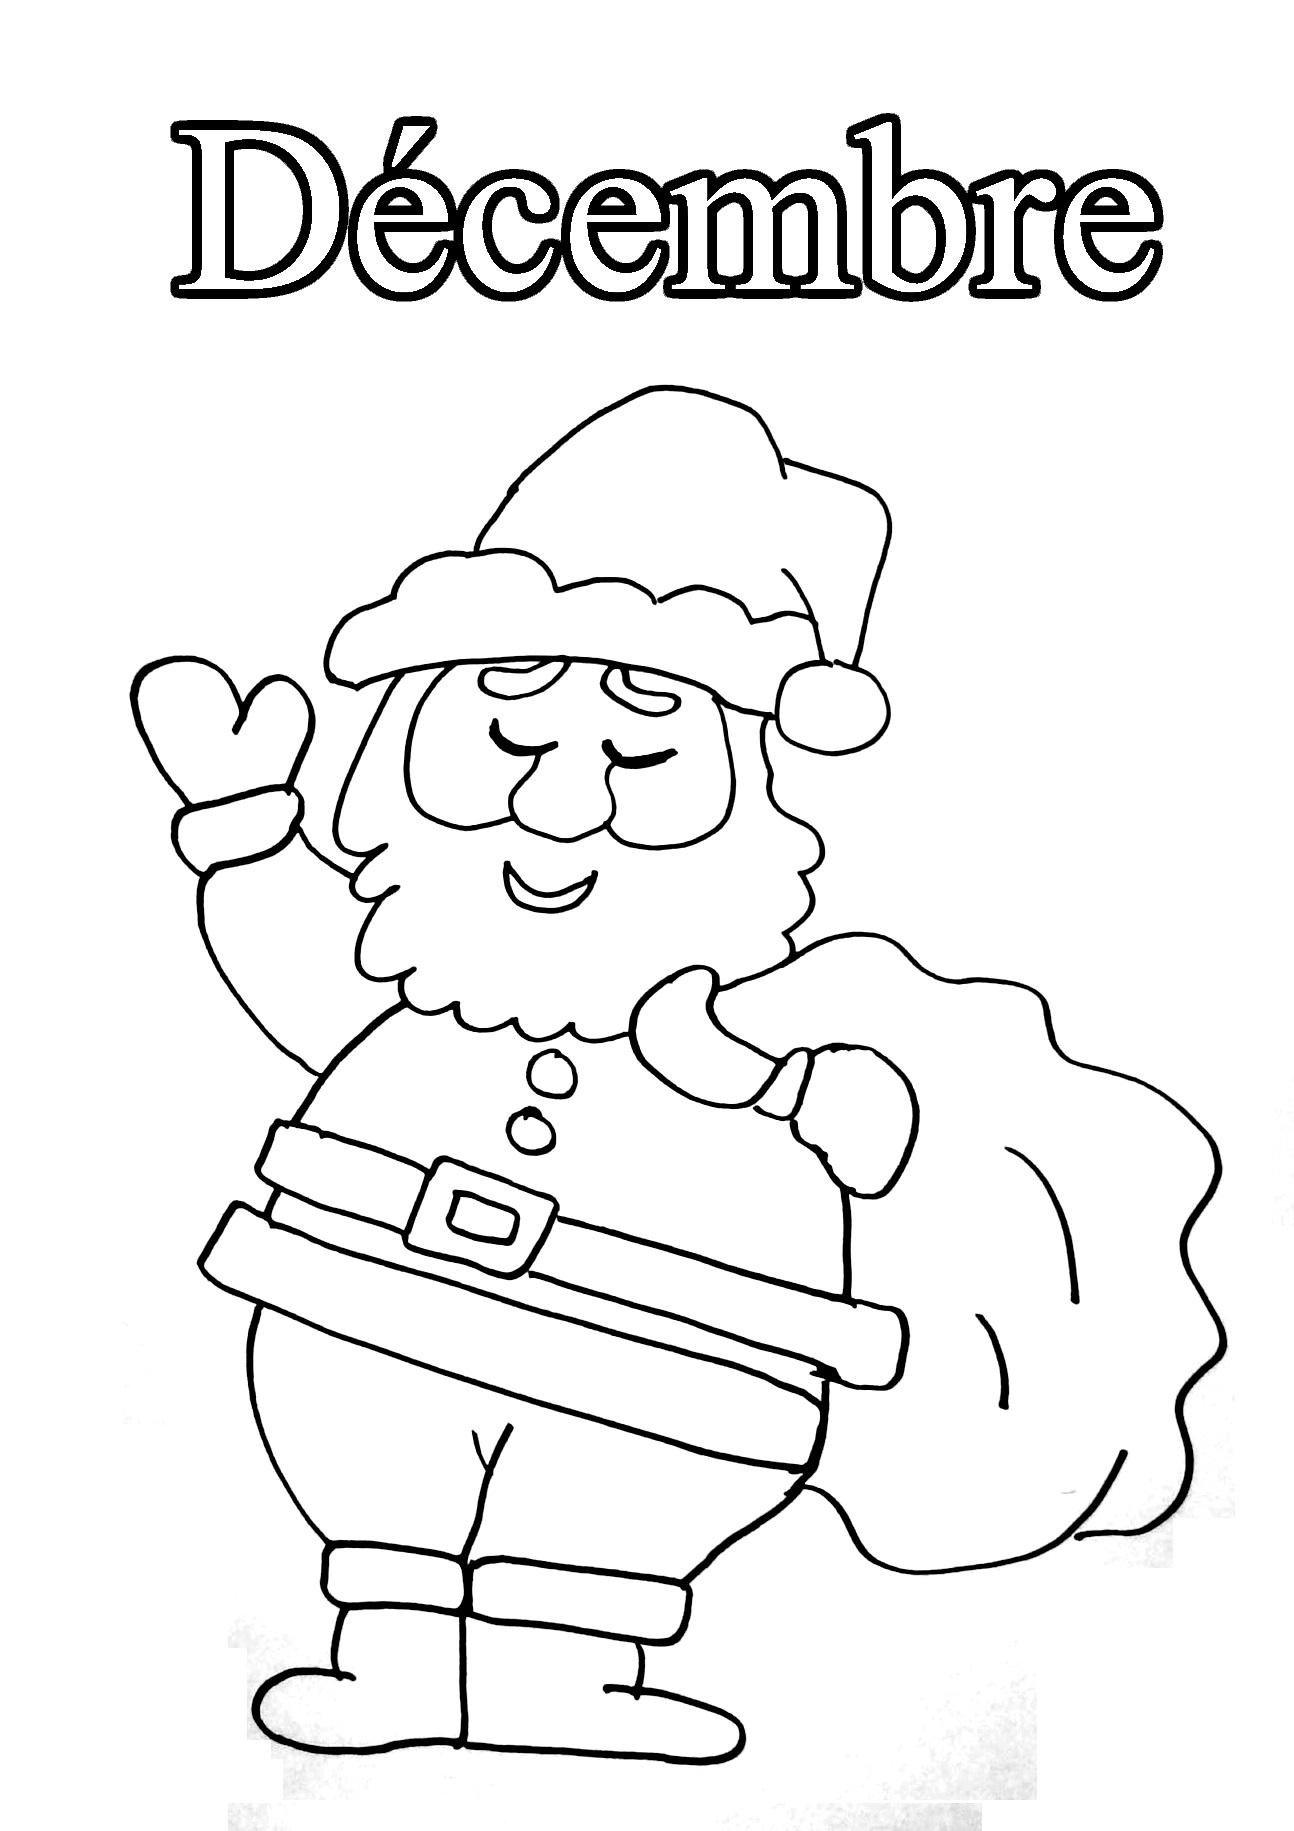 Dessins Gratuits À Colorier - Coloriage Decembre À Imprimer avec Mois À Colorier Maternelle